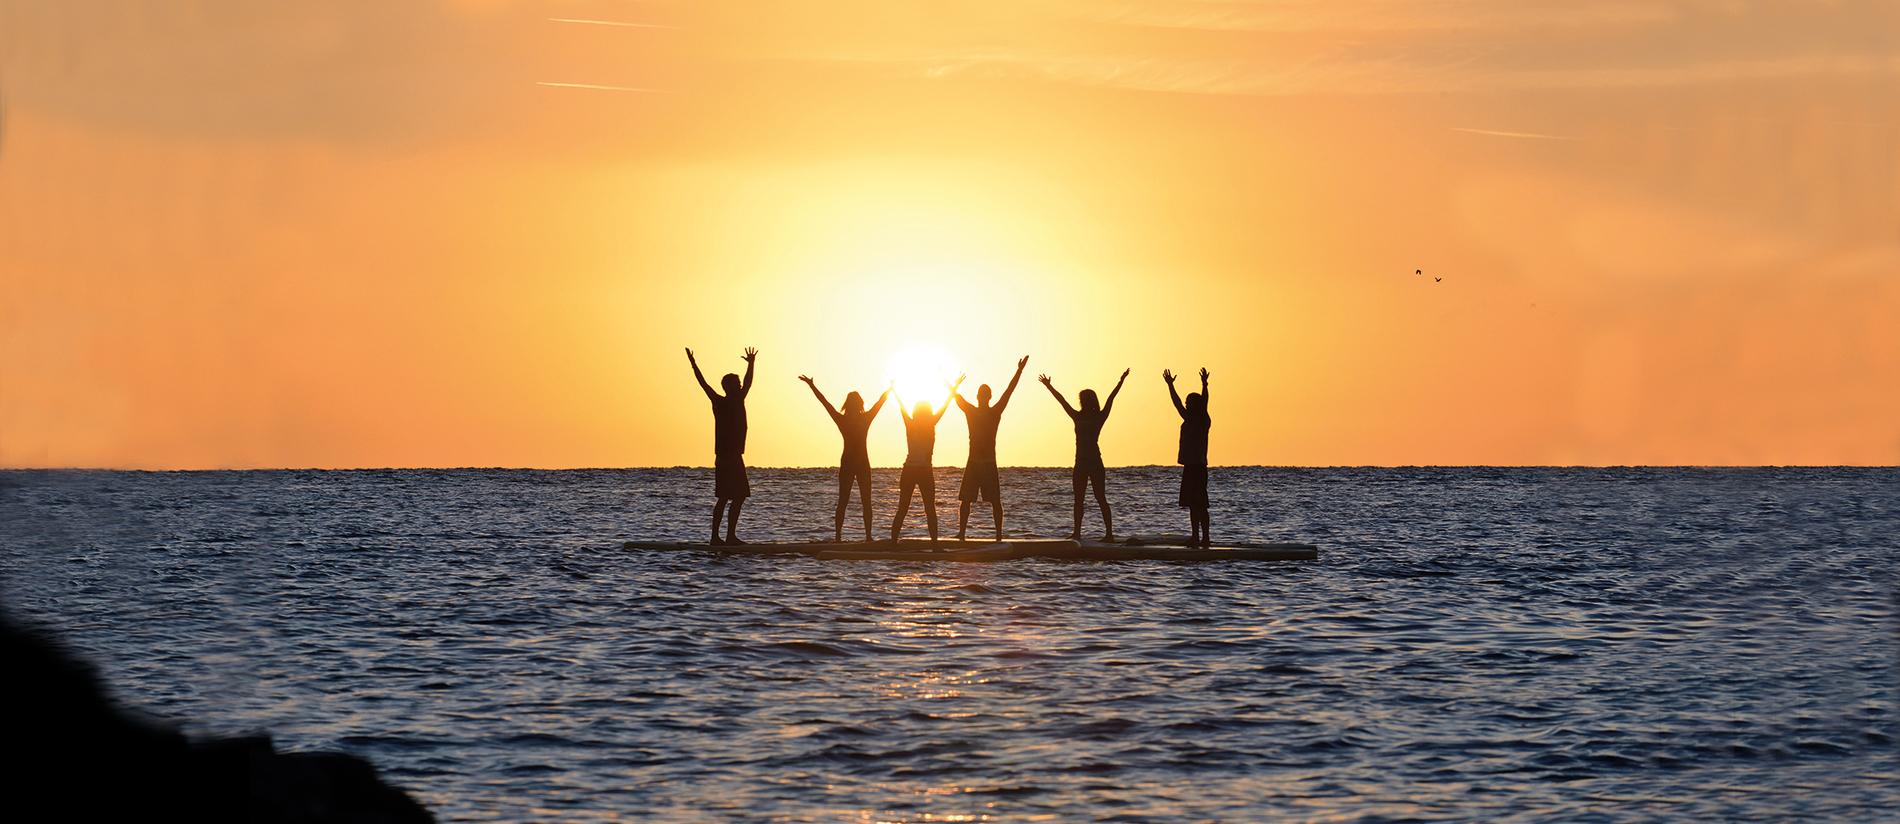 sechs glückliche SUP Paddler - stehend am SUP Board und Sonnenuntergang-Stimmung